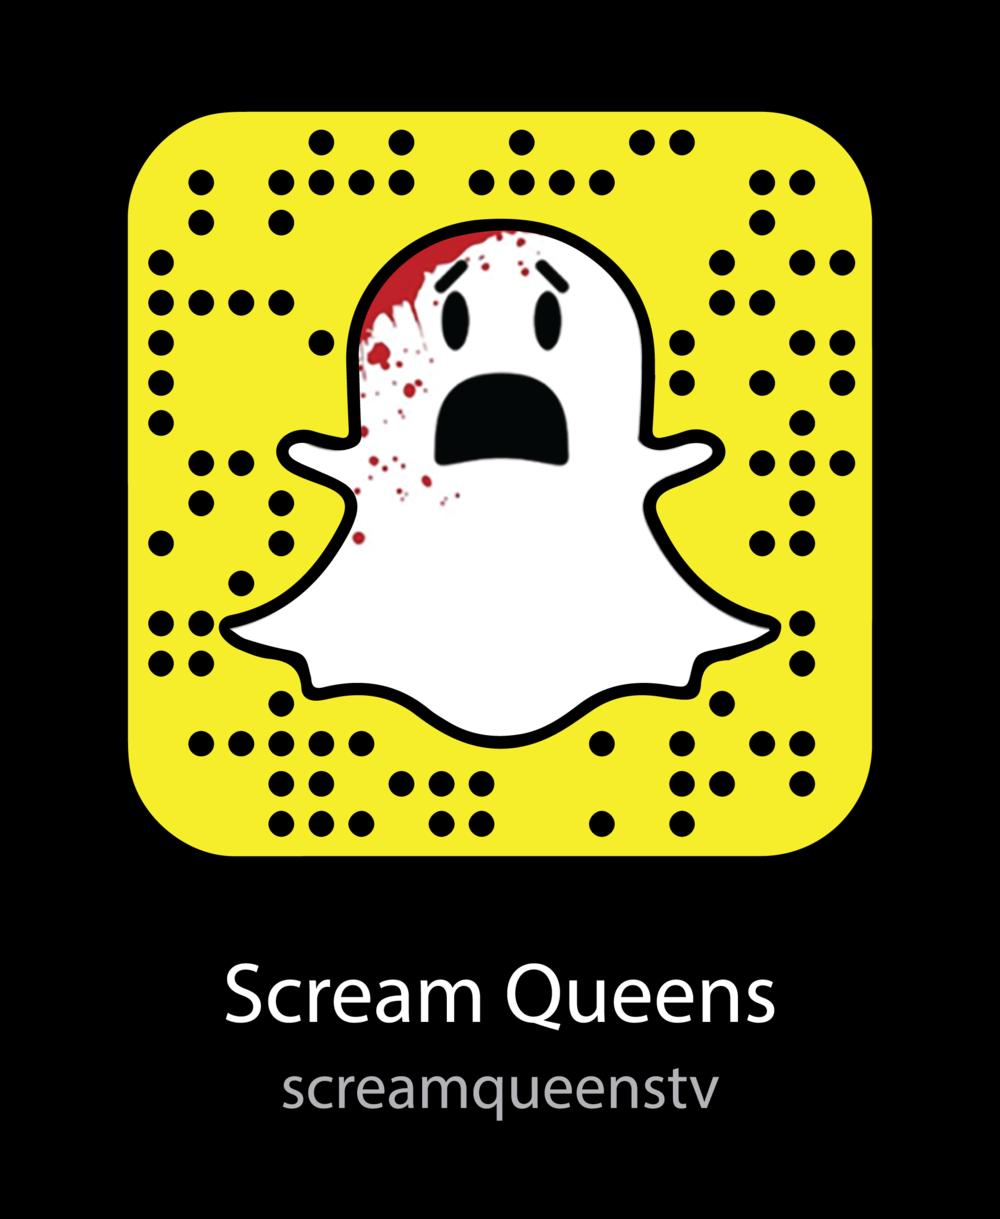 screamqueenstv-Brands-snapchat-snapcode.png